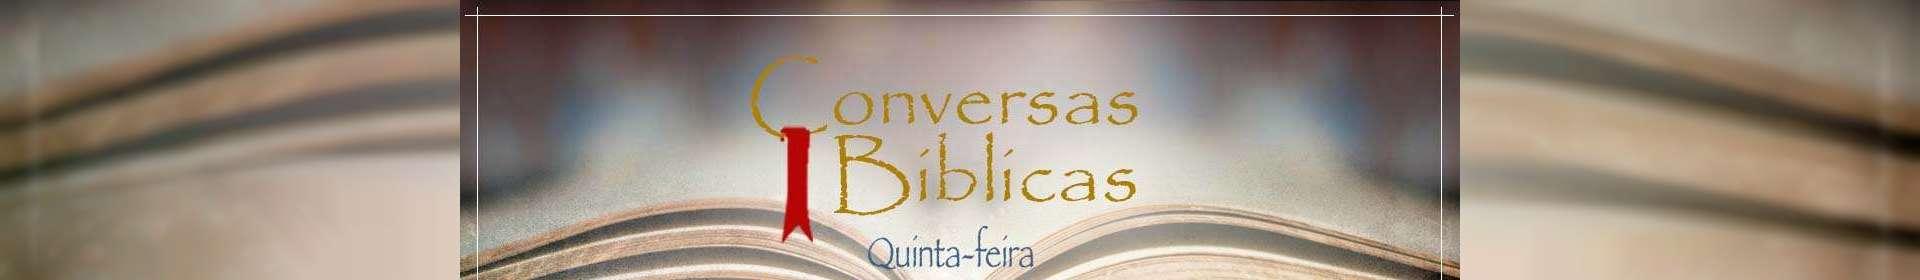 Conversas Bíblicas: Salvação - Parte 2